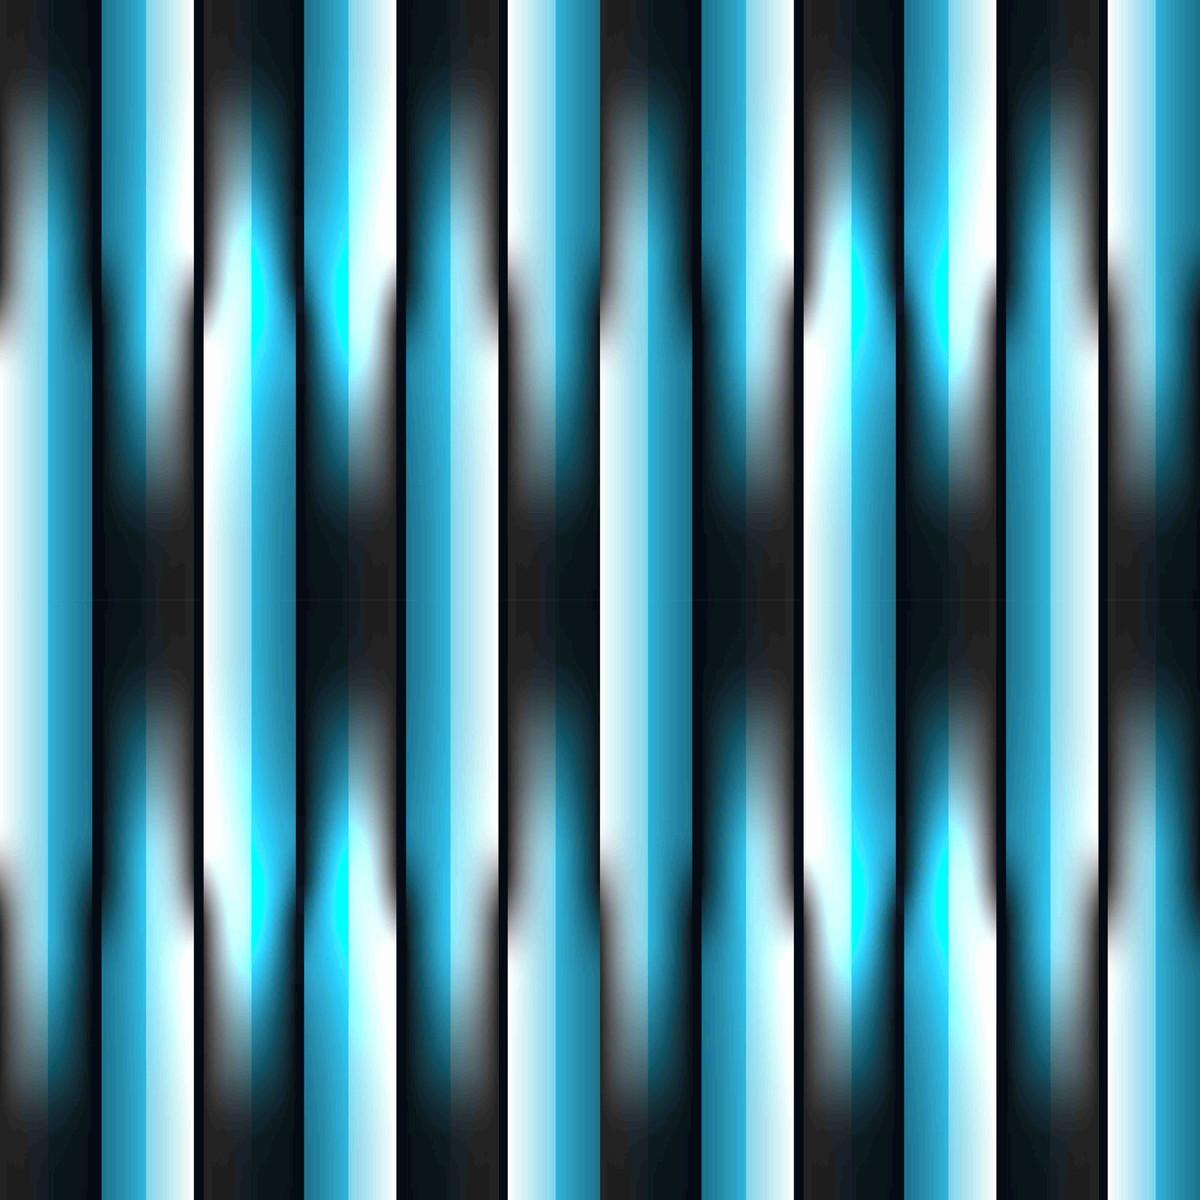 Papel De Parede Listras Efeito 3d Tons De Azul E Preto No Elo7